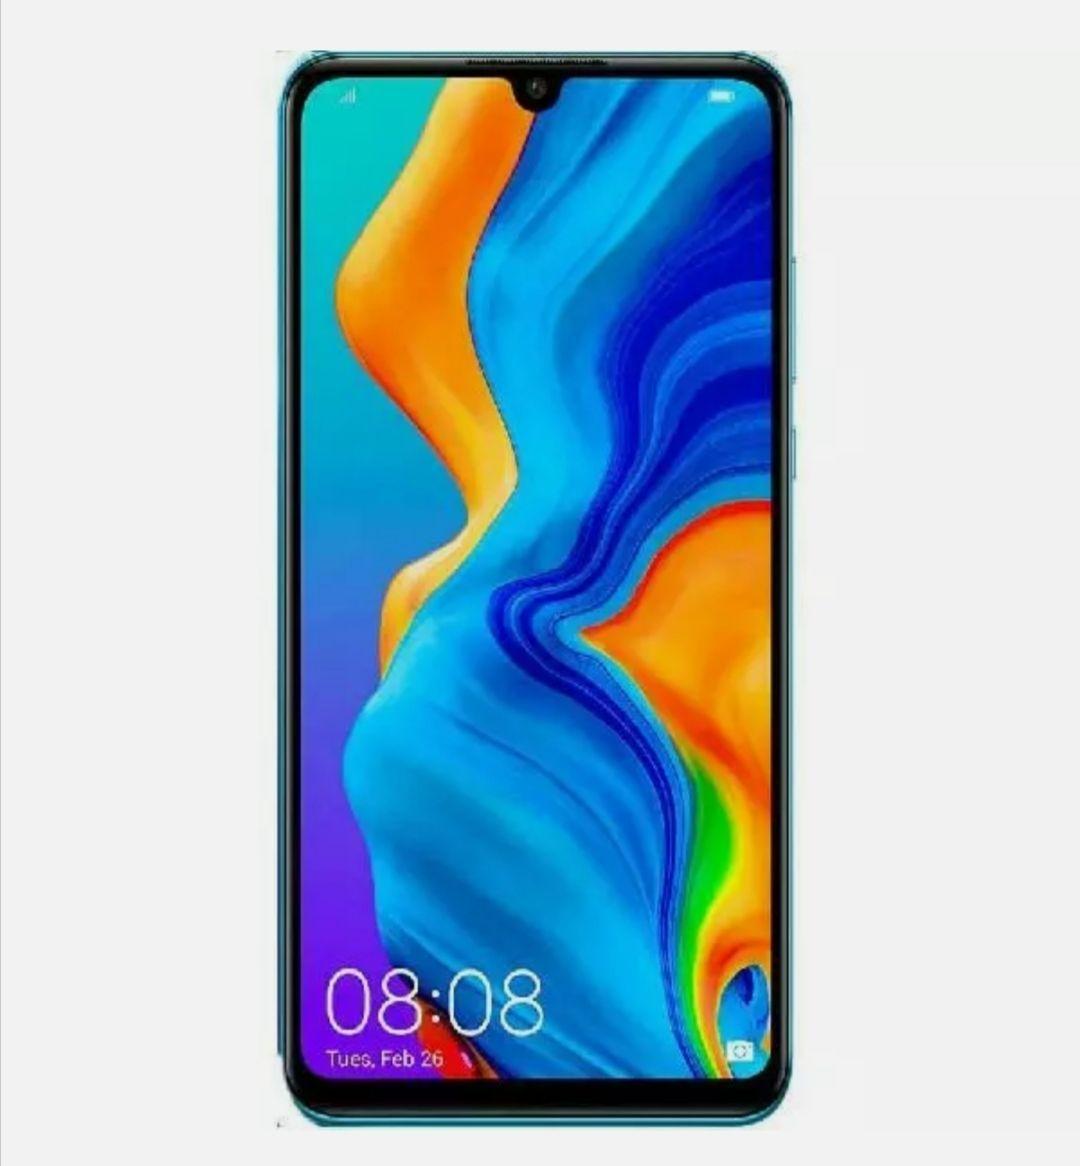 Huawei P30 Lite Dual Sim 256GB MAR-LX1B Unlocked (Pristine Refurbished Condition) - £149.99 @ Limetropic / Ebay